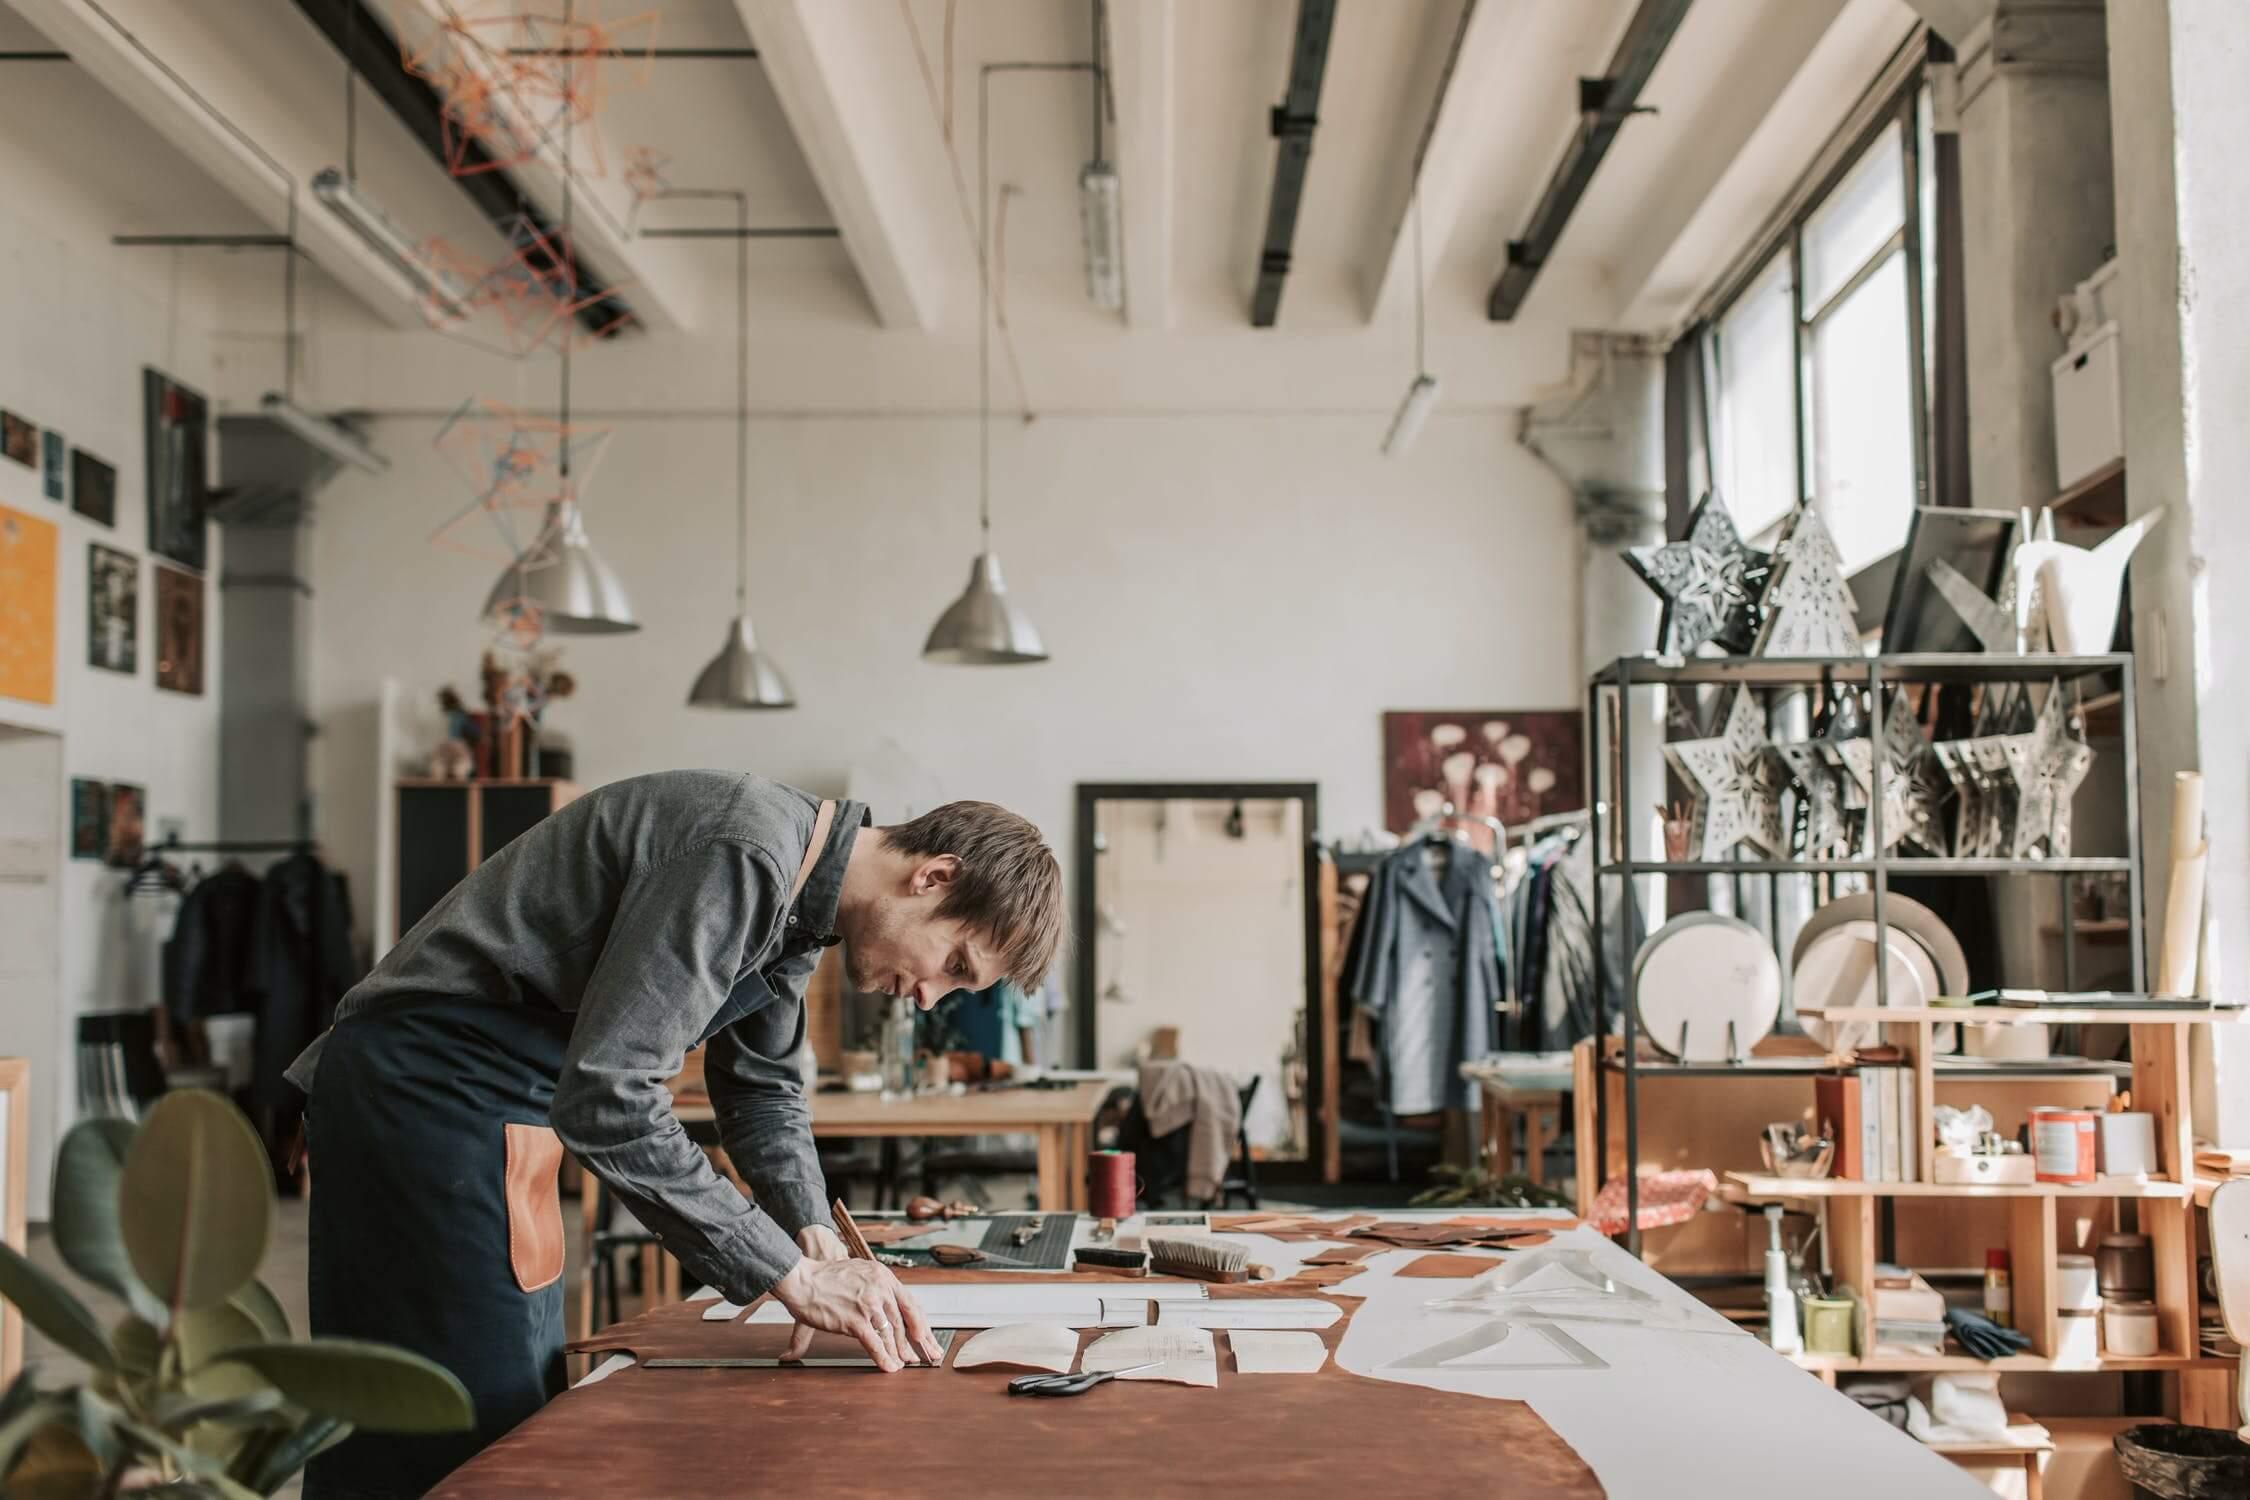 Consumo local, artesanía y pequeño artesano, tendencia interior impulsada por el covid19.